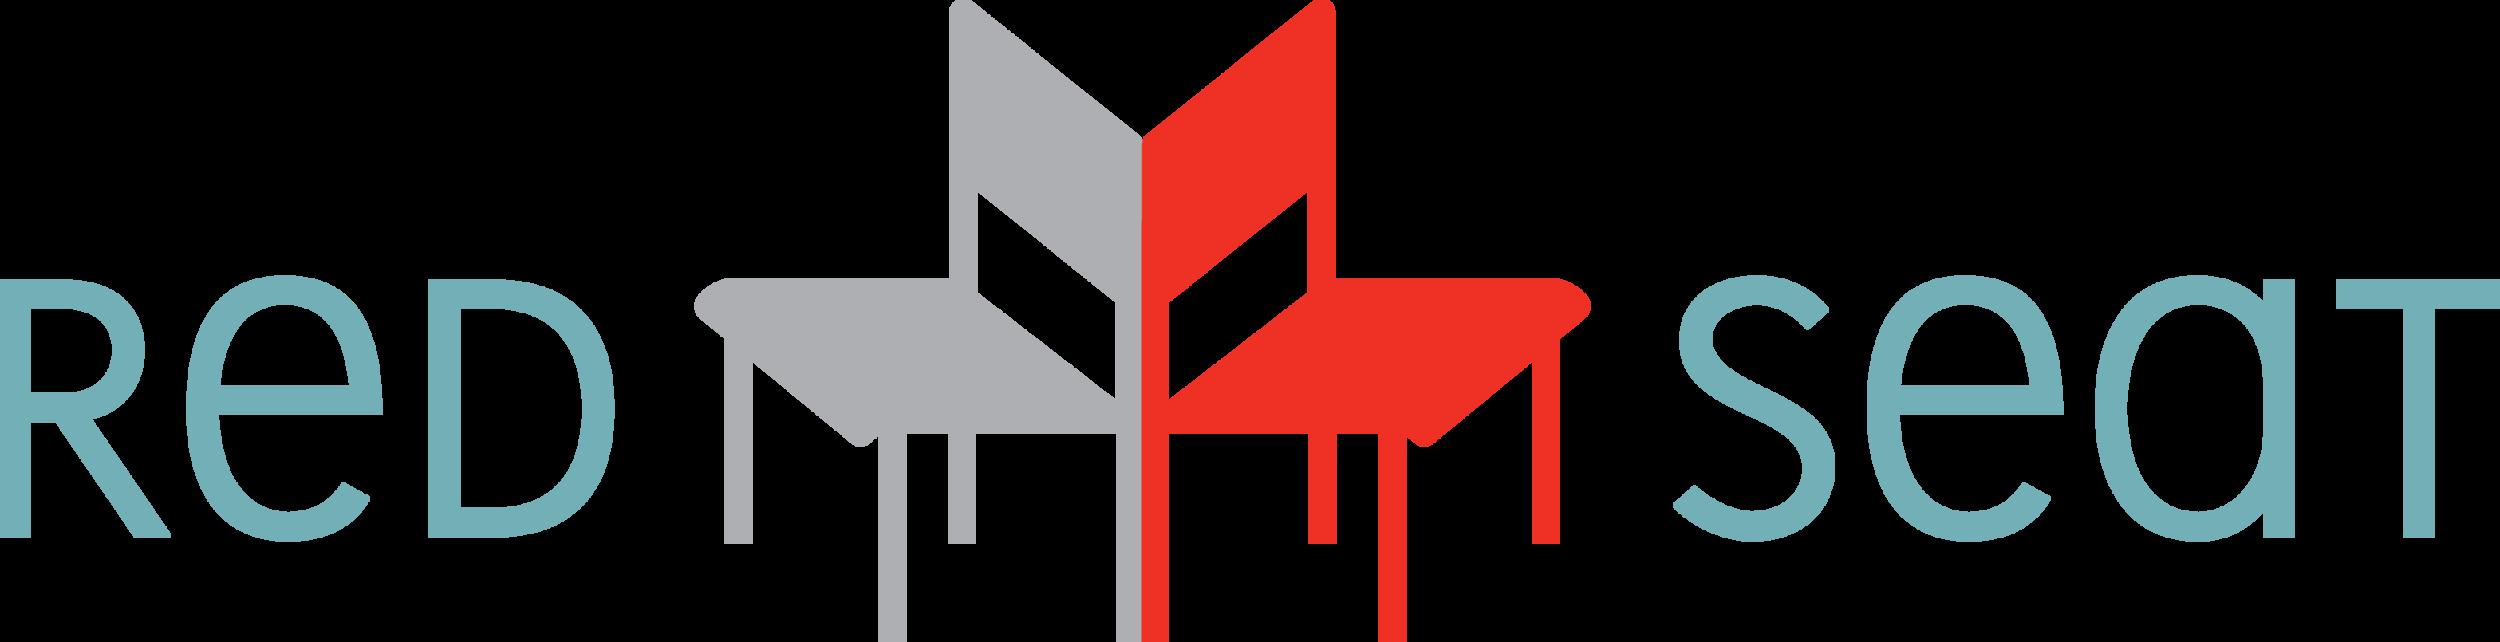 RedSeat_LogoPMS.png